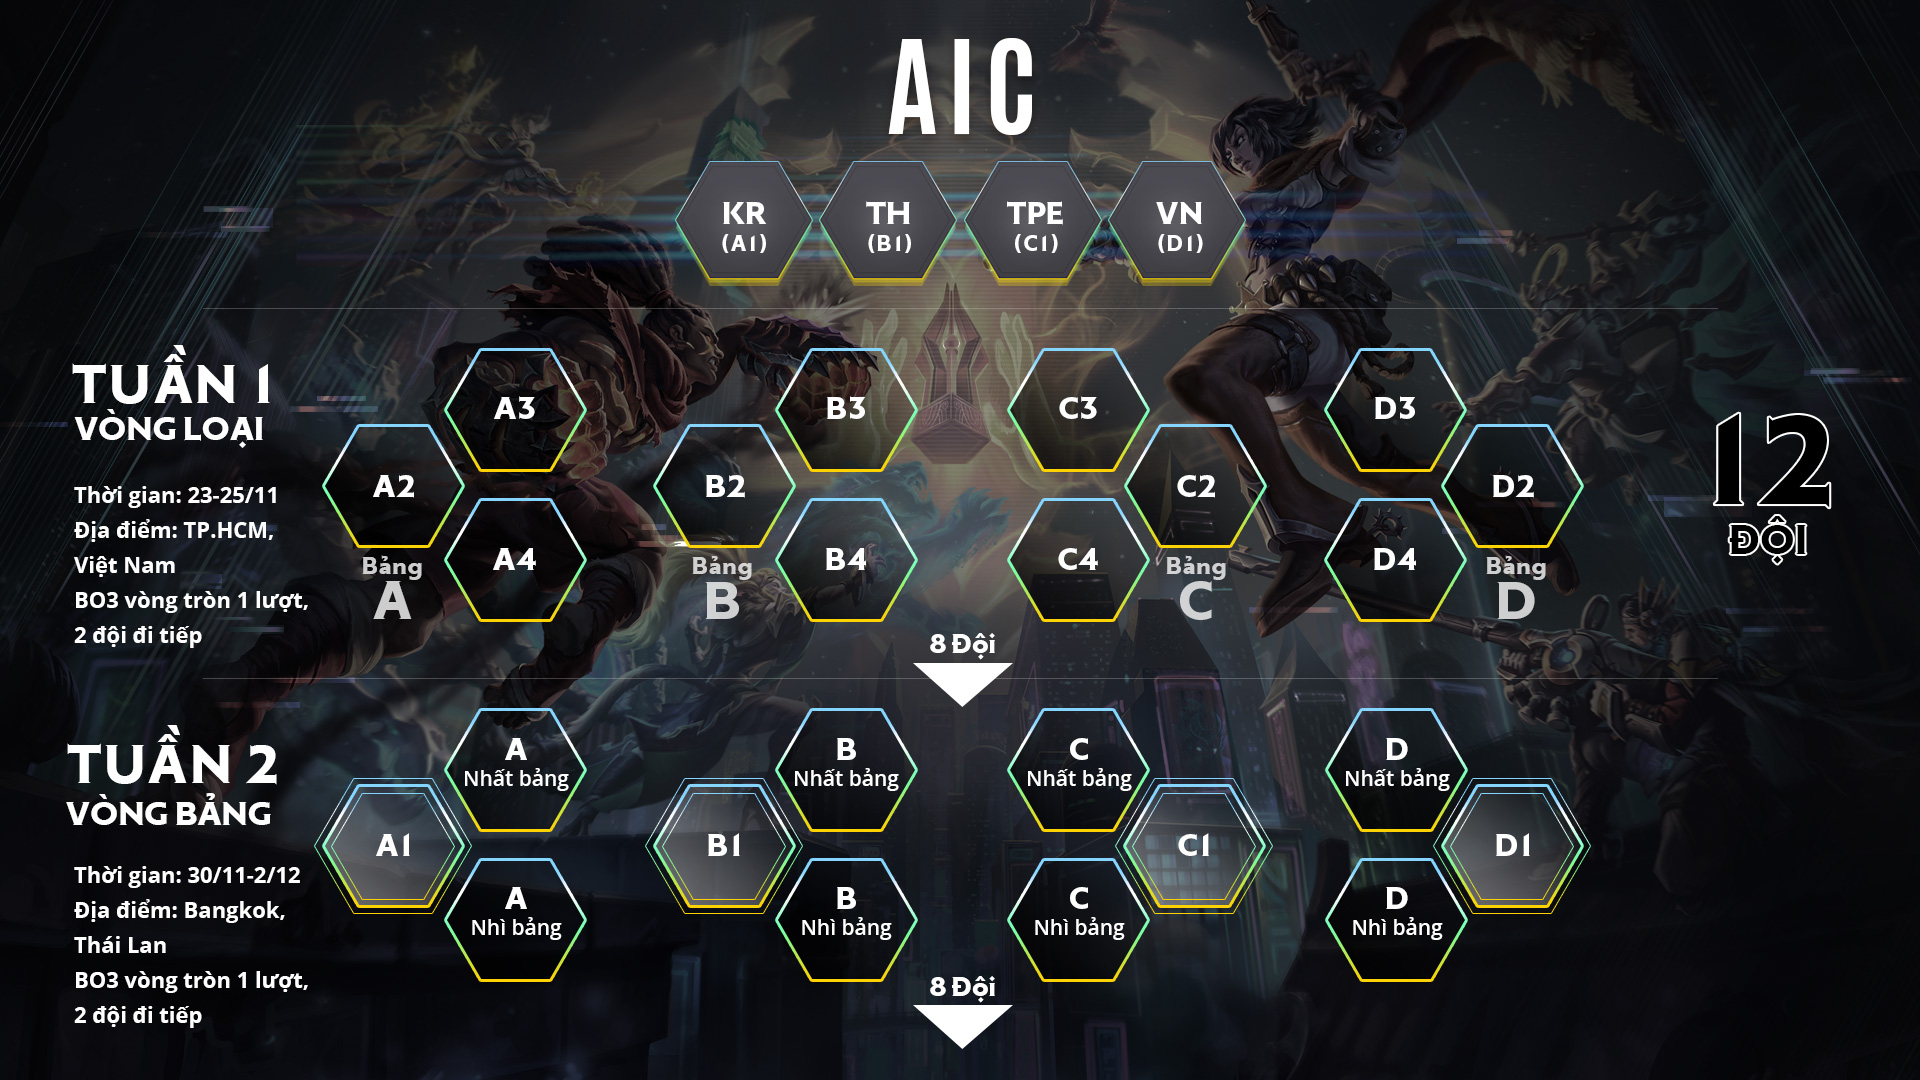 Công bố thể thức và lịch thi đấu AIC 2018, đội vô địch ĐTDV Mùa Đông 2018 sẽ không phải tham dự vòng loại - Ảnh 2.